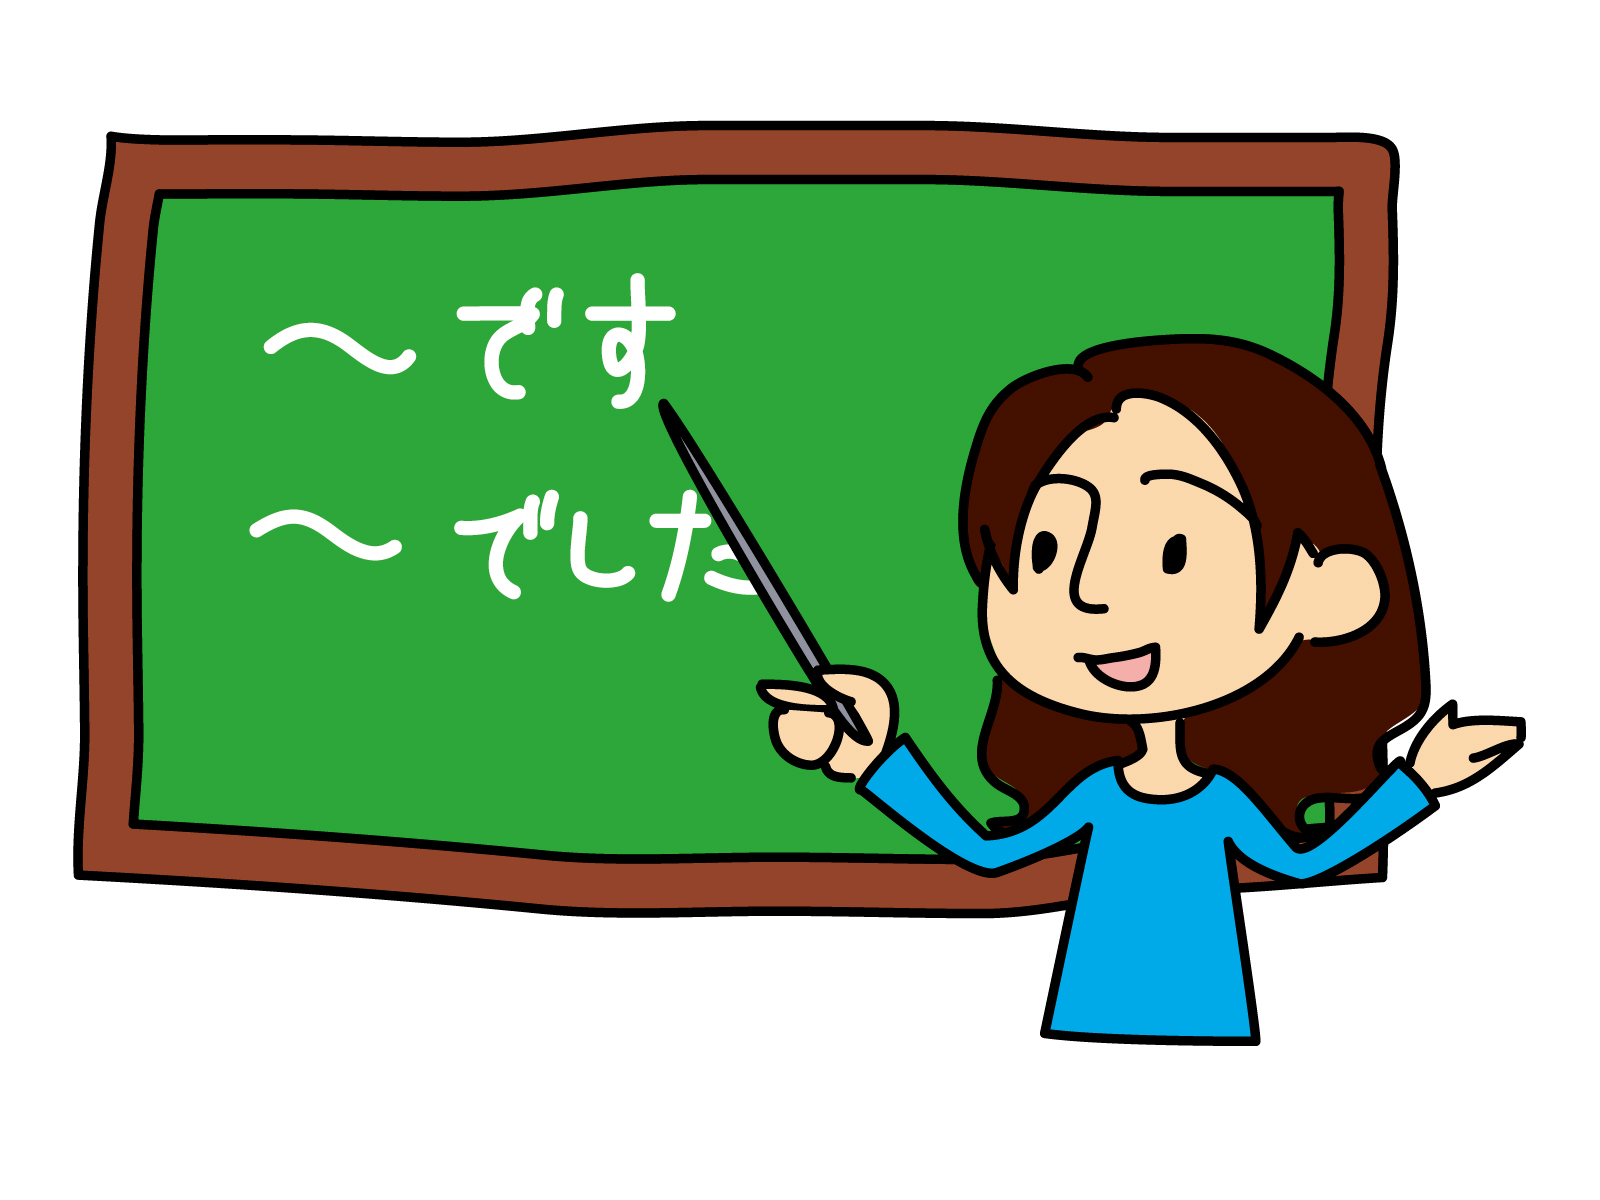 今日は英会話のレベル進級試験